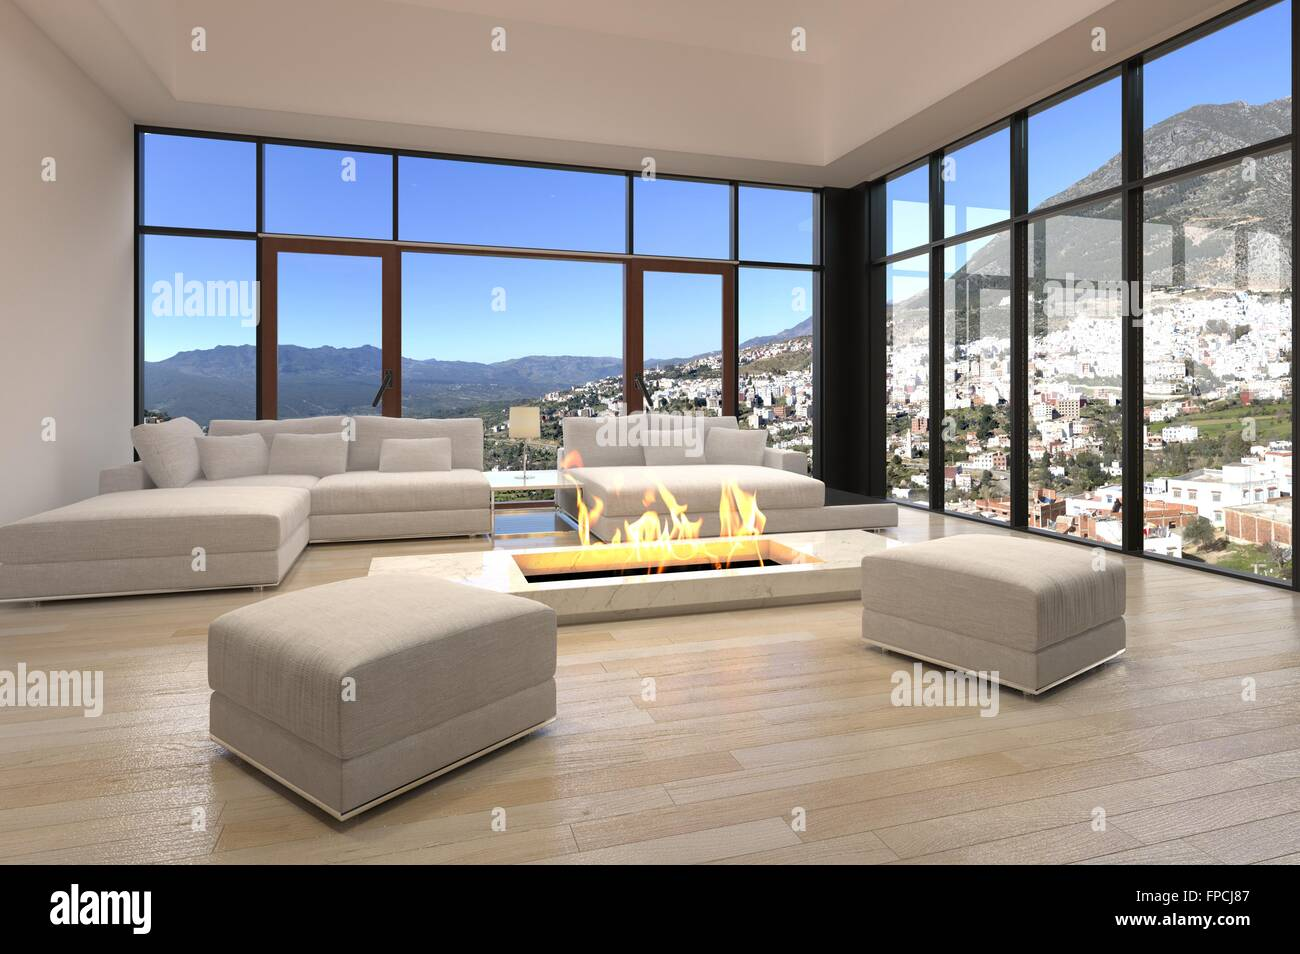 Sedie Bianche Design : Architettura interior design camino centrale in elegante